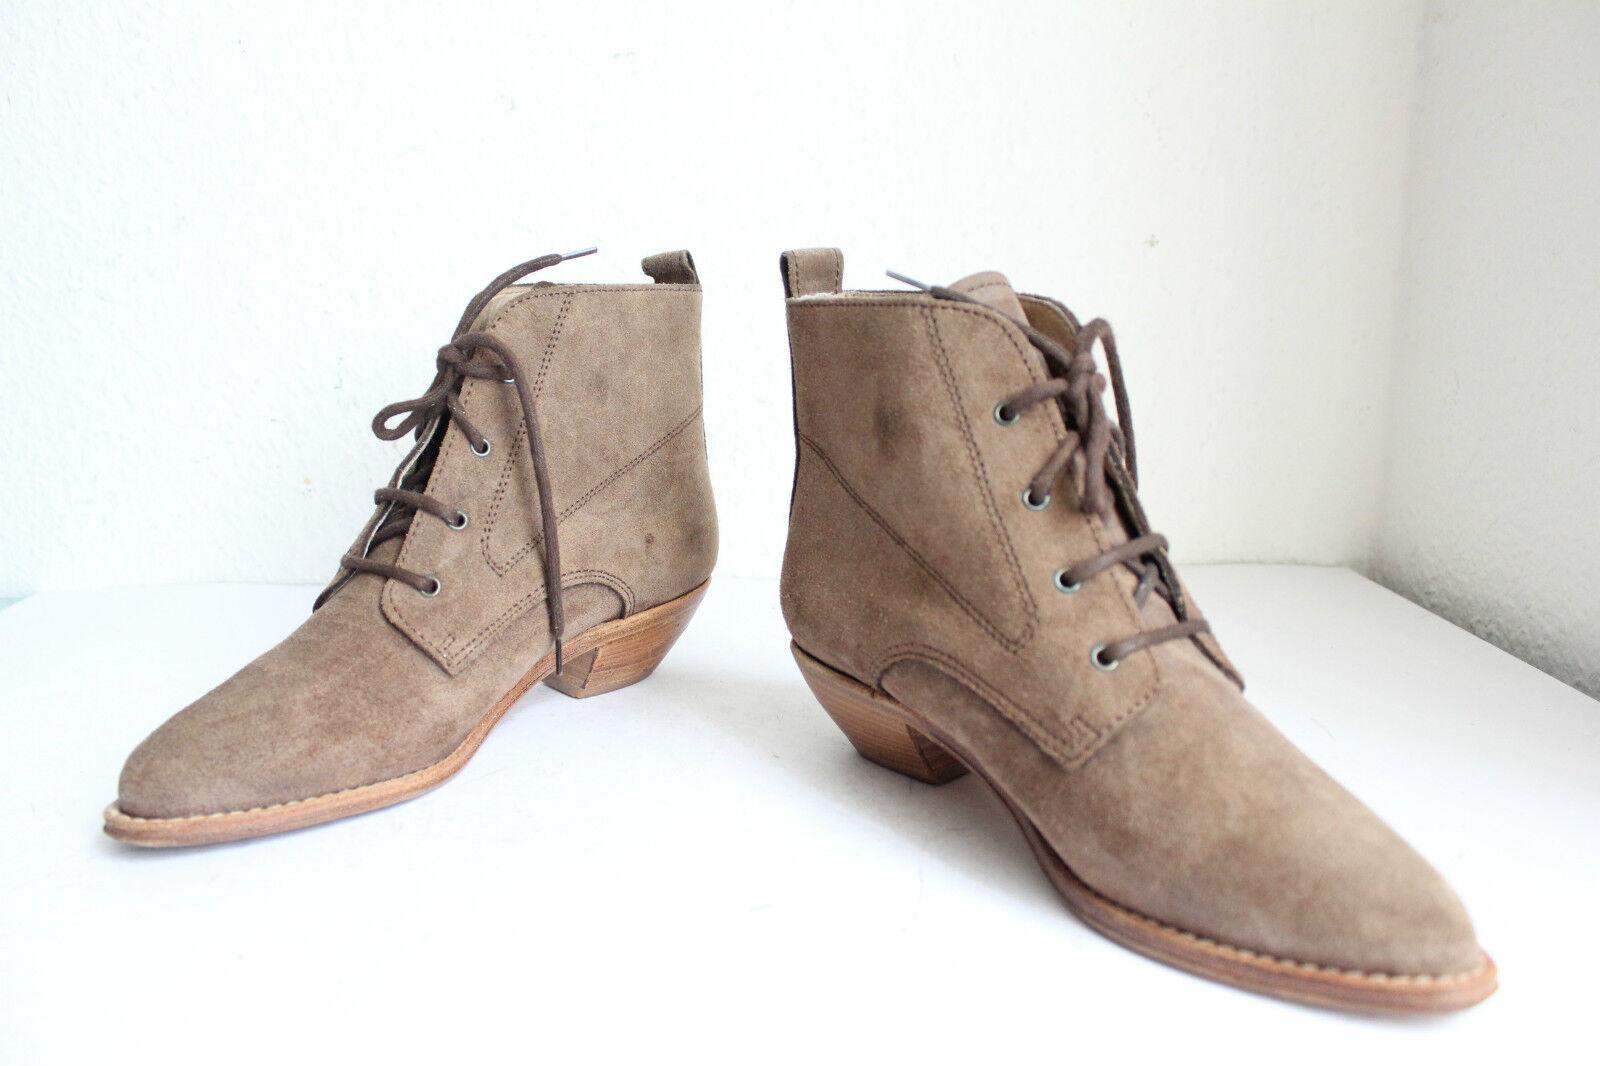 Campos botas marrón vaqueras plenamente schnürstiefeletten cuero genuino marrón botas tonos eu:37-37, 5 8088f9